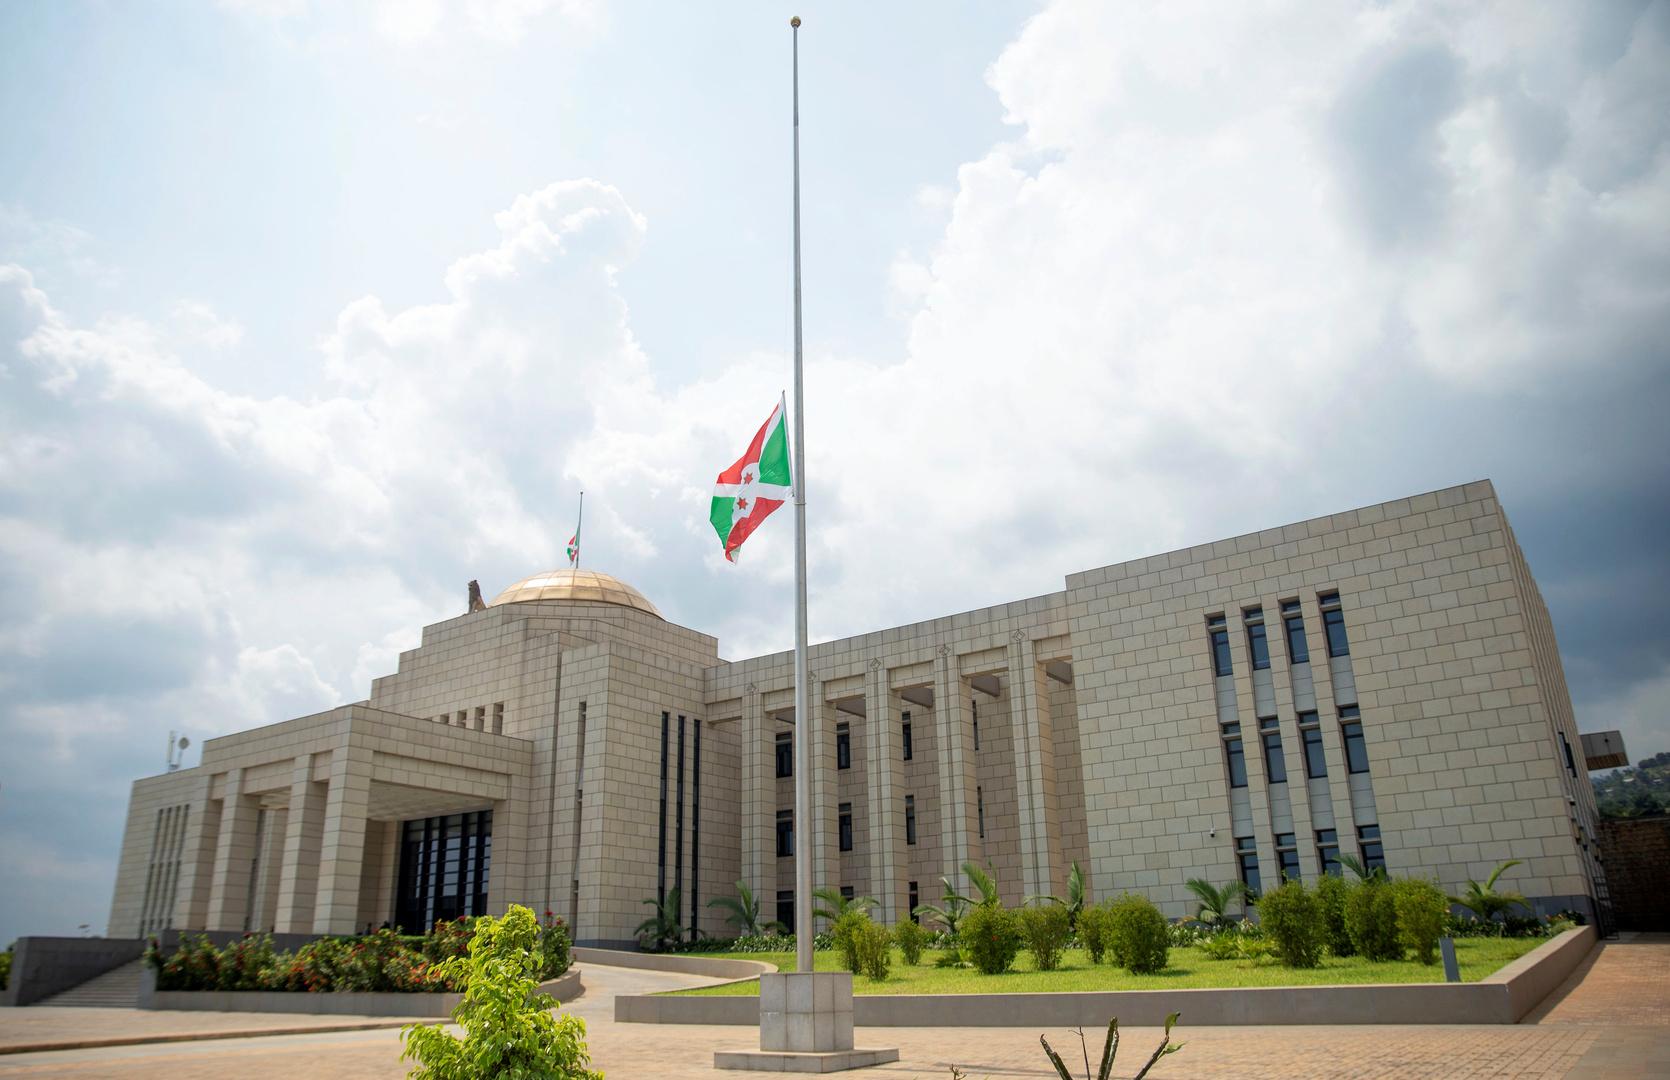 الرئيس البوروندي السابق سيوارى الثرى دون